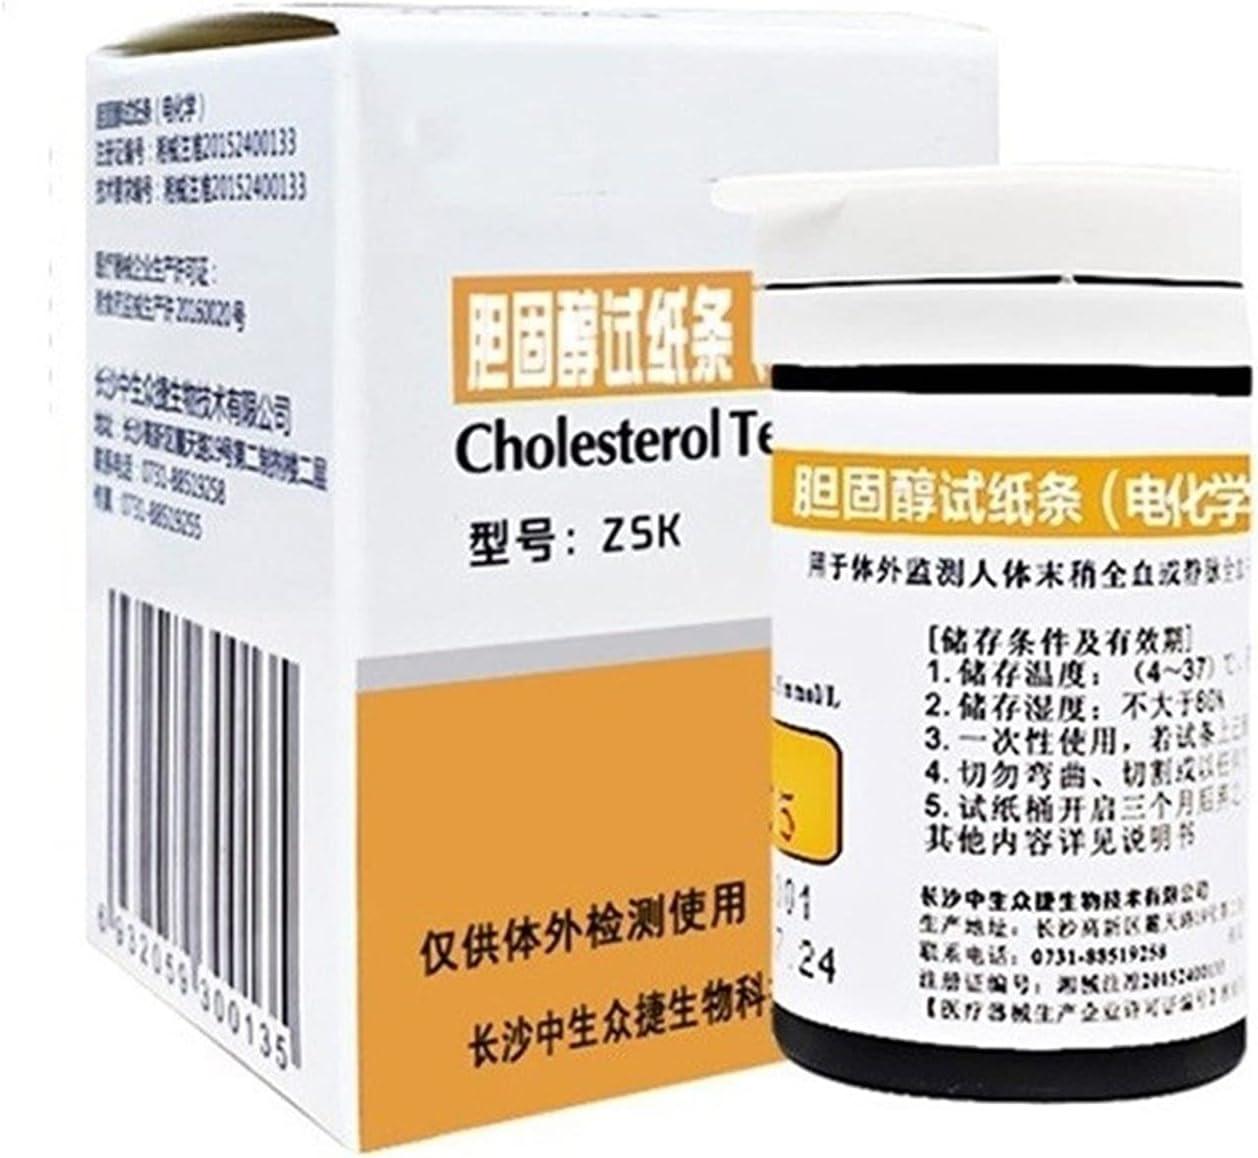 Kit de Análisis de Sangre Casero Fácil de Operar, 3 en 1 medidor de Prueba, probador de Sangre para colesterol/glucosa en Sangre/Prueba de ácido úrico con Pantalla Grande de Pantalla LCD Detector